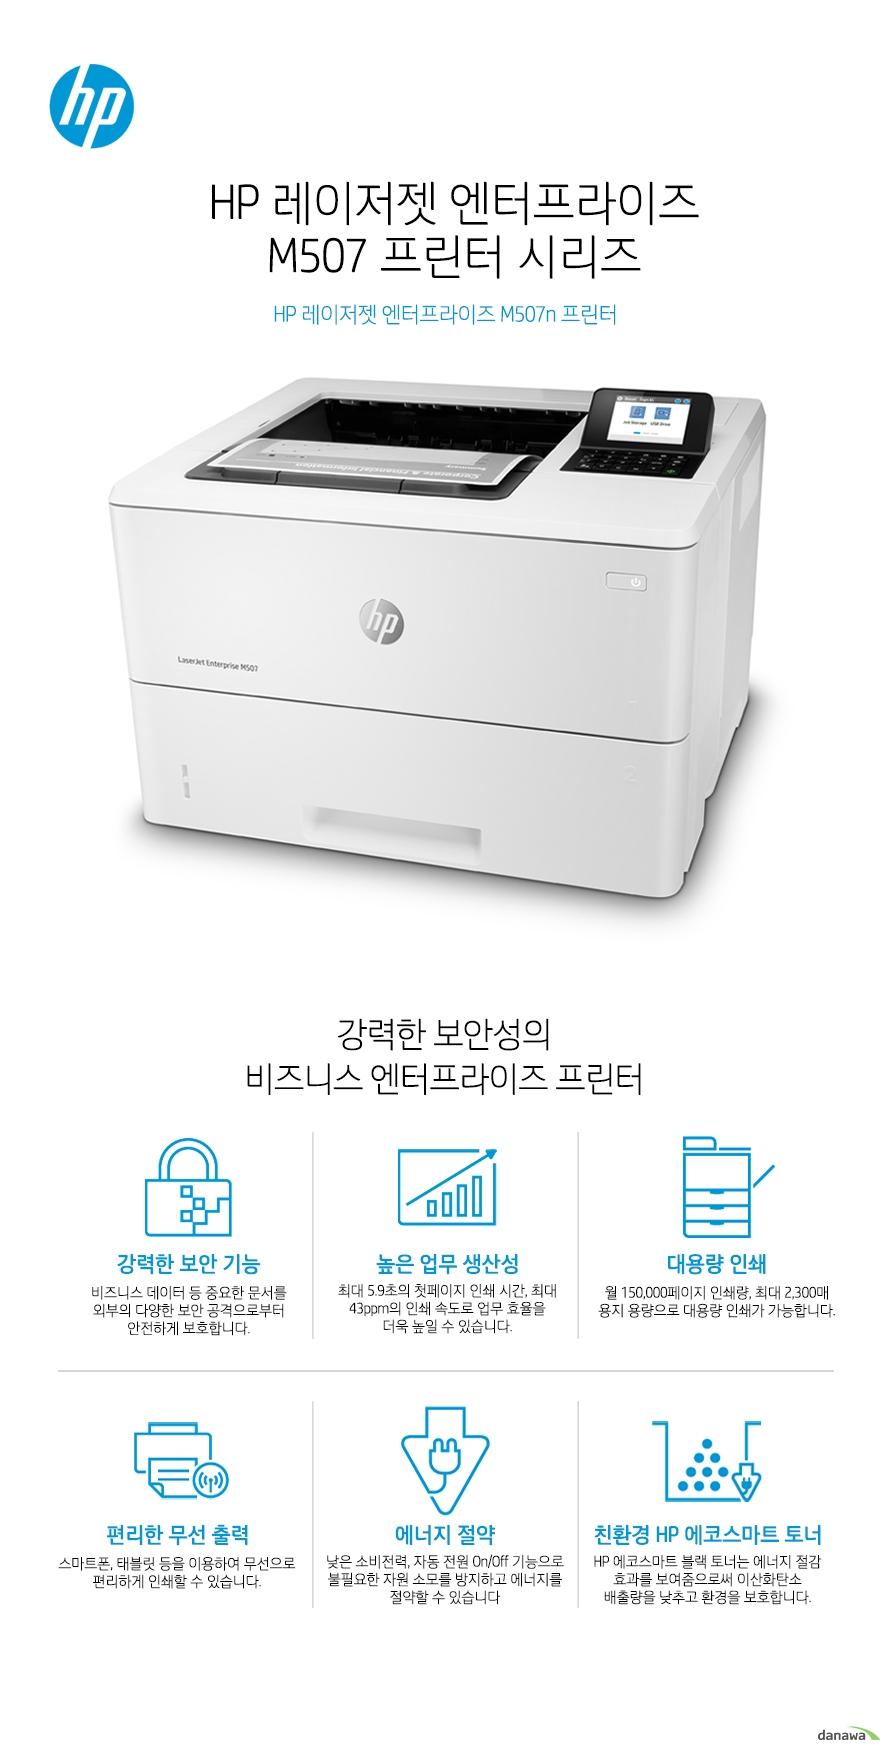 HP 레이저젯 엔터프라이즈 M507n강력한 보안성의 비즈니스 엔터프라이즈 프린터강력한 보안 기능비즈니스 데이터 등 중요한 문서를 외부의 다양한 보안 공격으로부터 안전하게 보호합니다.높은 업무 생산성최대 5.9초의 첫페이지 인쇄 시간, 최대 43ppm의 인쇄 속도로 업무 효율을 더욱 높일 수 있습니다.대용량 인쇄월 150,000페이지 인쇄량, 최대 2,300매 용지 용량으로 대용량 인쇄가 가능합니다. 편리한 무선 출력스마트폰, 태블릿 등을 이용하여 무선으로 편리하게 인쇄할 수 있습니다. 에너지 절약낮은 소비전력, 자동 전원 On/Off 기능으로 불필요한 자원 소모를 방지하고 에너지를 절약할 수 있습니다친환경 HP 에코스마트 토너HP 에코스마트 블랙 토너는 에너지 절감 효과를 보여줌으로써 이산화탄소 배출량을 낮추고 환경을 보호합니다.최고 수준의 보안 기능HP 프린팅 보안 시스템이 실시간으로 위협을 탐지하고, 자동 모니터링 및 소프트웨어 검증을 통해 프린터와 사용자의 네트워크를 보호합니다. 기본으로 내장된 강력한 보안 기능이 부트 영역에서부터 펌웨어까지 외부의 공격으로부터 안전하게 보호하며, 실시간으로 사이버 공격과 위협을 탐지하여 보안 문제가 발생할 경우 즉각적으로 알려주어 빠른 대처가 가능합니다. BIOS 감염 확인HP 슈어 스타트(SureStart) 기능이 운영 코드를 자가 치료하고 바이러스 감염 시 즉시 바이오스를 교체하여 시스템을 보호합니다. 펌웨어  검사화이트리스트 기능이 디바이스가 시작될 때마다 펌웨어의 코드가 정상인지 확인합니다. 메모리 보호런타임(Run-time) 침입 탐지 기능은 지속적으로 기기의 활동을 모니터링하며 보안 공격을 감지하고 공격을 막아냅니다. 네트워크 보호HP Connection Inspector 기능이 외부 네트워크 연결을 점검하며, 맬웨어와 같은 의심스러운 작업 요청을 막아줍니다. 통합 관리를 통해 더욱 효율적인 기기 운영하나의 드라이버로 모든 HP 디바이스를 관리하여 더욱 효율적인 업무가 가능해집니다. HP 젯어드밴테이지 시큐리티 매니저(옵션)를 이용하면, 여러대의 장비에 대한 보안 설정을 간편하게 일괄 설정, 변경하거나 자동으로 적용시킬 수 있습니다. 효율적인 비즈니스를 위한복합기 네트워크 통합 관리네트워크의 모든 HP 프린터/복합기를 통합으로 편리하게 관리하세요. HP 고성능 보안 하드디스크, HP 확장성 플랫폼 솔루션, 하드웨어 통합 포켓 솔루션, HP 트러스티드 플랫폼 모듈(TPM) 솔루션, HP 퓨처스마트(FutureSmart) 펌웨어, HP 젯어드밴티지 인사이트(옵션) 등다양한 관리 시스템 솔루션을 통해, 프린터/복합기 네트워크를 안정적으로 관리할 수 있습니다. 웹 젯어드민(Web JetAdmin)HP 프린터/복합기 전용 관리 툴인 웹 젯어드민(Web JetAdmin)을 이용하여 문서 인쇄량, 카트리지 비용 등 프린터/복합기의 다양한 정보를 쉽게 모니터링하며 계산할 수 있습니다. 생산성을 극대화하는직관적이고 편리한 기능첫 장 인쇄 5.9초인쇄 속도 38ppm대기 모드에서 첫 장 인쇄까지 5.9초, 최대 43ppm의 빠른 인쇄 속도(A4, 흑백 기준)로 적은 양의 문서나 많은 양의 문서를 인쇄하더라도  업무 생산성을 극대화 시킵니다.USB 메모리로 간편하게 다이렉트 인쇄사용이 편리한 전면 USB 포트를 통해 USB 드라이브에 있는 PDF, JPG, MS-PowerPoint, MS-Word 파일 등을 바로 인쇄할 수 있고, 드라이브에 바로 저장하거나, 이메일 및 네트워크 폴더로 바로 전송할 수 있습니다. 대용량 카트리지최대 20,000 페이지까지 인쇄 가능한 대용량 카트리지를 사용할 수 있어 생산성은 보다 높아집니다. 카트리지를 한 번 설치하면 오랫동안 카트리지를 교체하지 않고 사용할 수 있어 업무에 끼치는 영향을 줄일 수 있습니다. 무선으로 인쇄하는 스마트한 방법무선 연결로 인해 사용자의 인쇄 업무는 놀라울 정도로 편리해집니다. 스캔한 파일을 곧바로 이메일, USB, 네트워크 폴더 및 마이크로소프트 SharePoint로 전송하고 인쇄를 빠르게 진행해보세요. 복잡하고 번거로웠